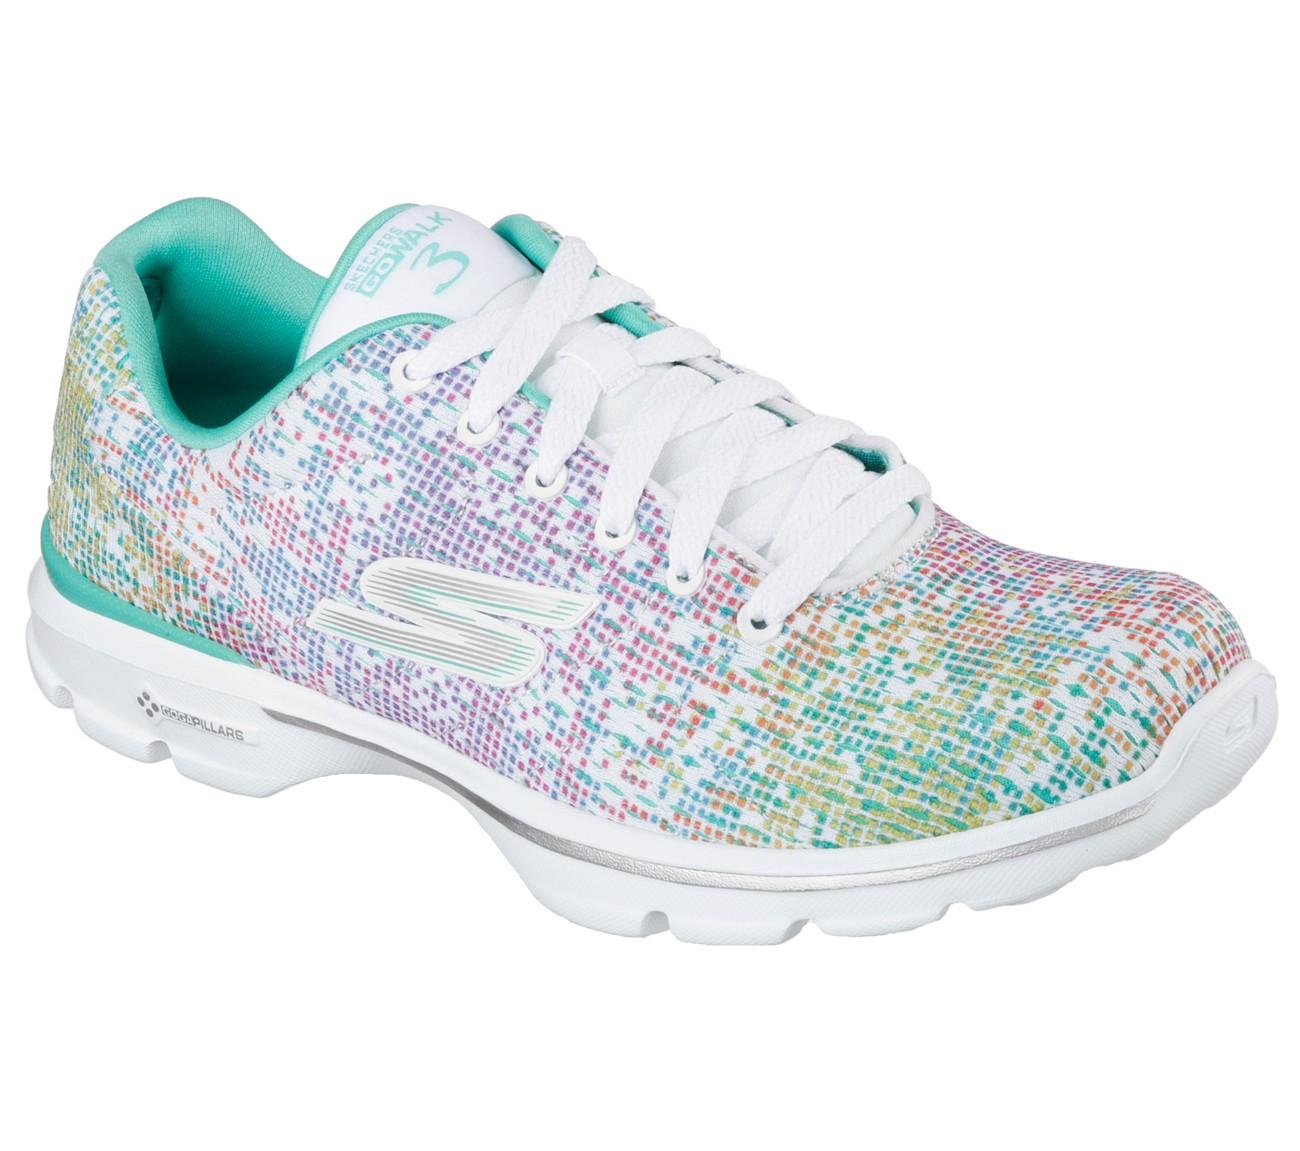 Skechers Bayan Yürüyüş Ayakkabısı Modelleri-Ayakkabı Modelleri (19)